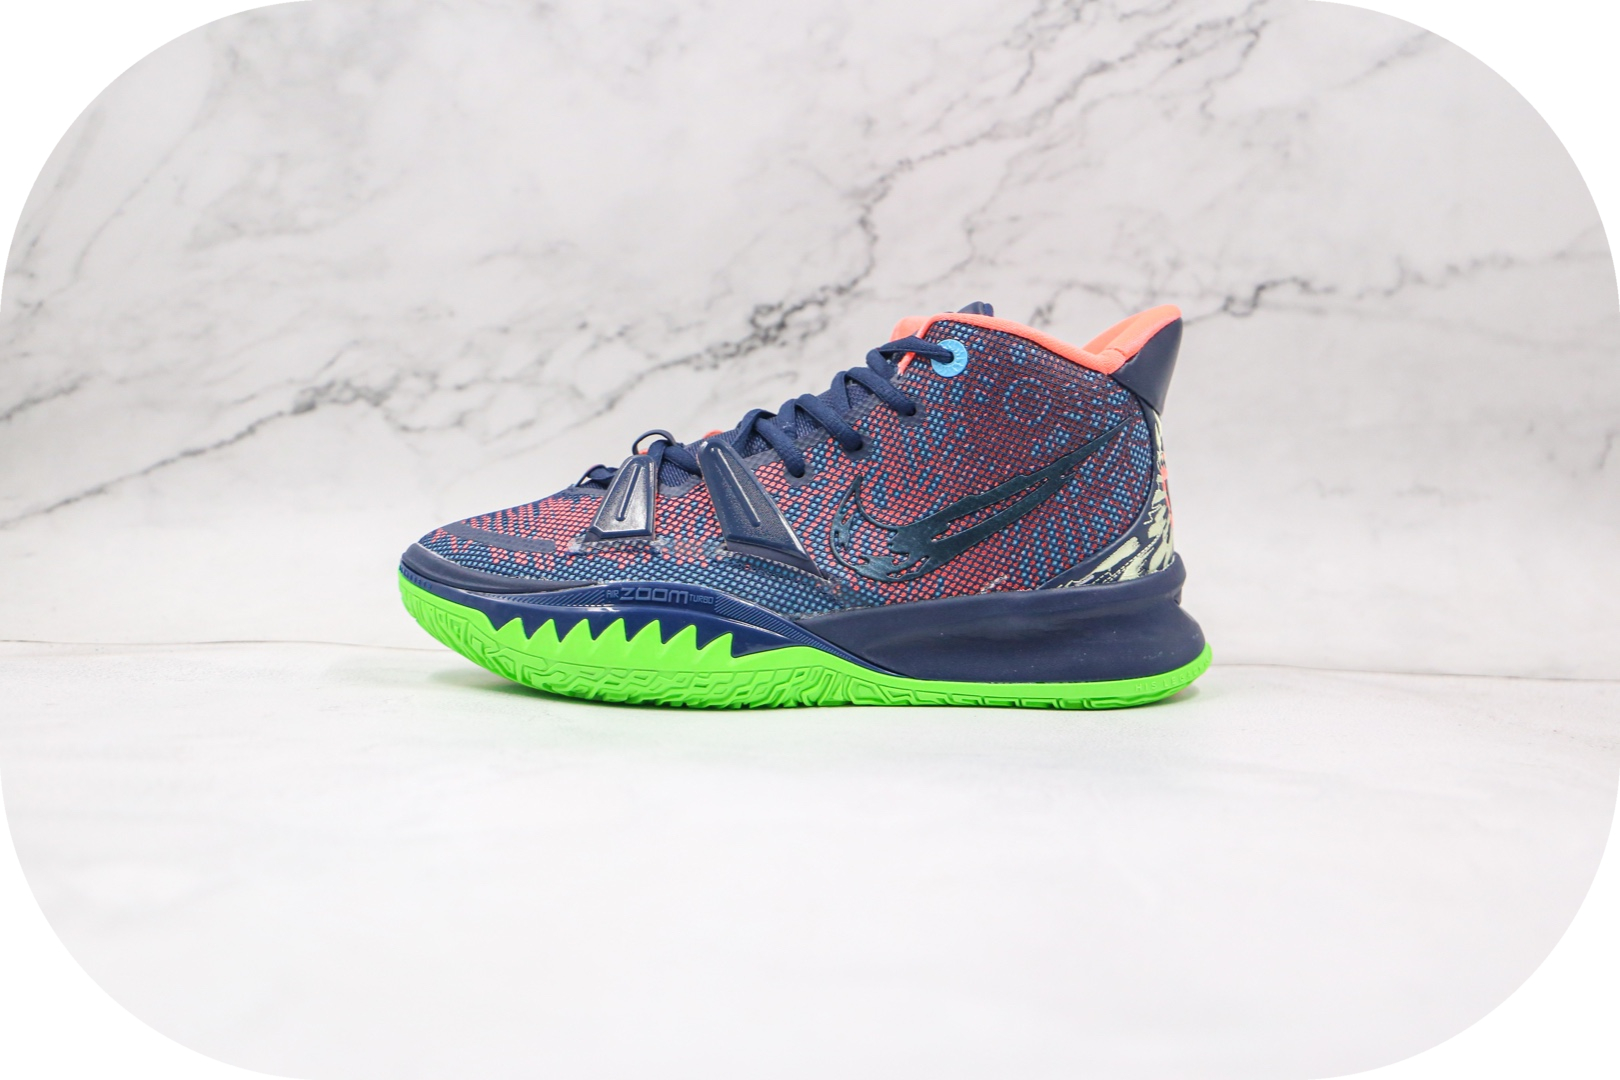 耐克Nike Kyrie 7纯原版本欧文7代深蓝色篮球鞋内置气垫支持实战 货号:CQ9327-401